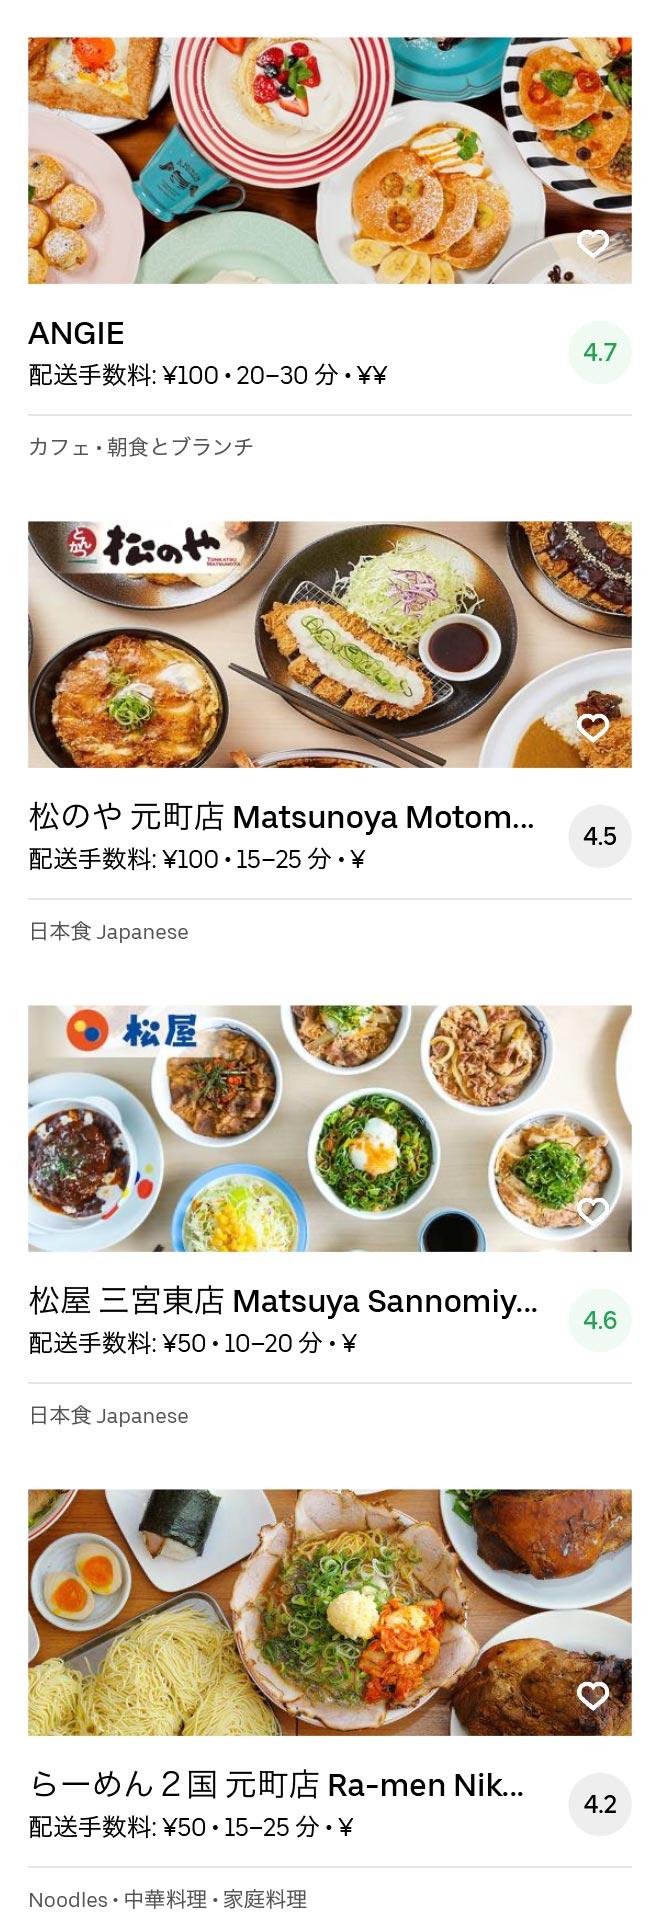 Kobe sannomiya menu 2005 10